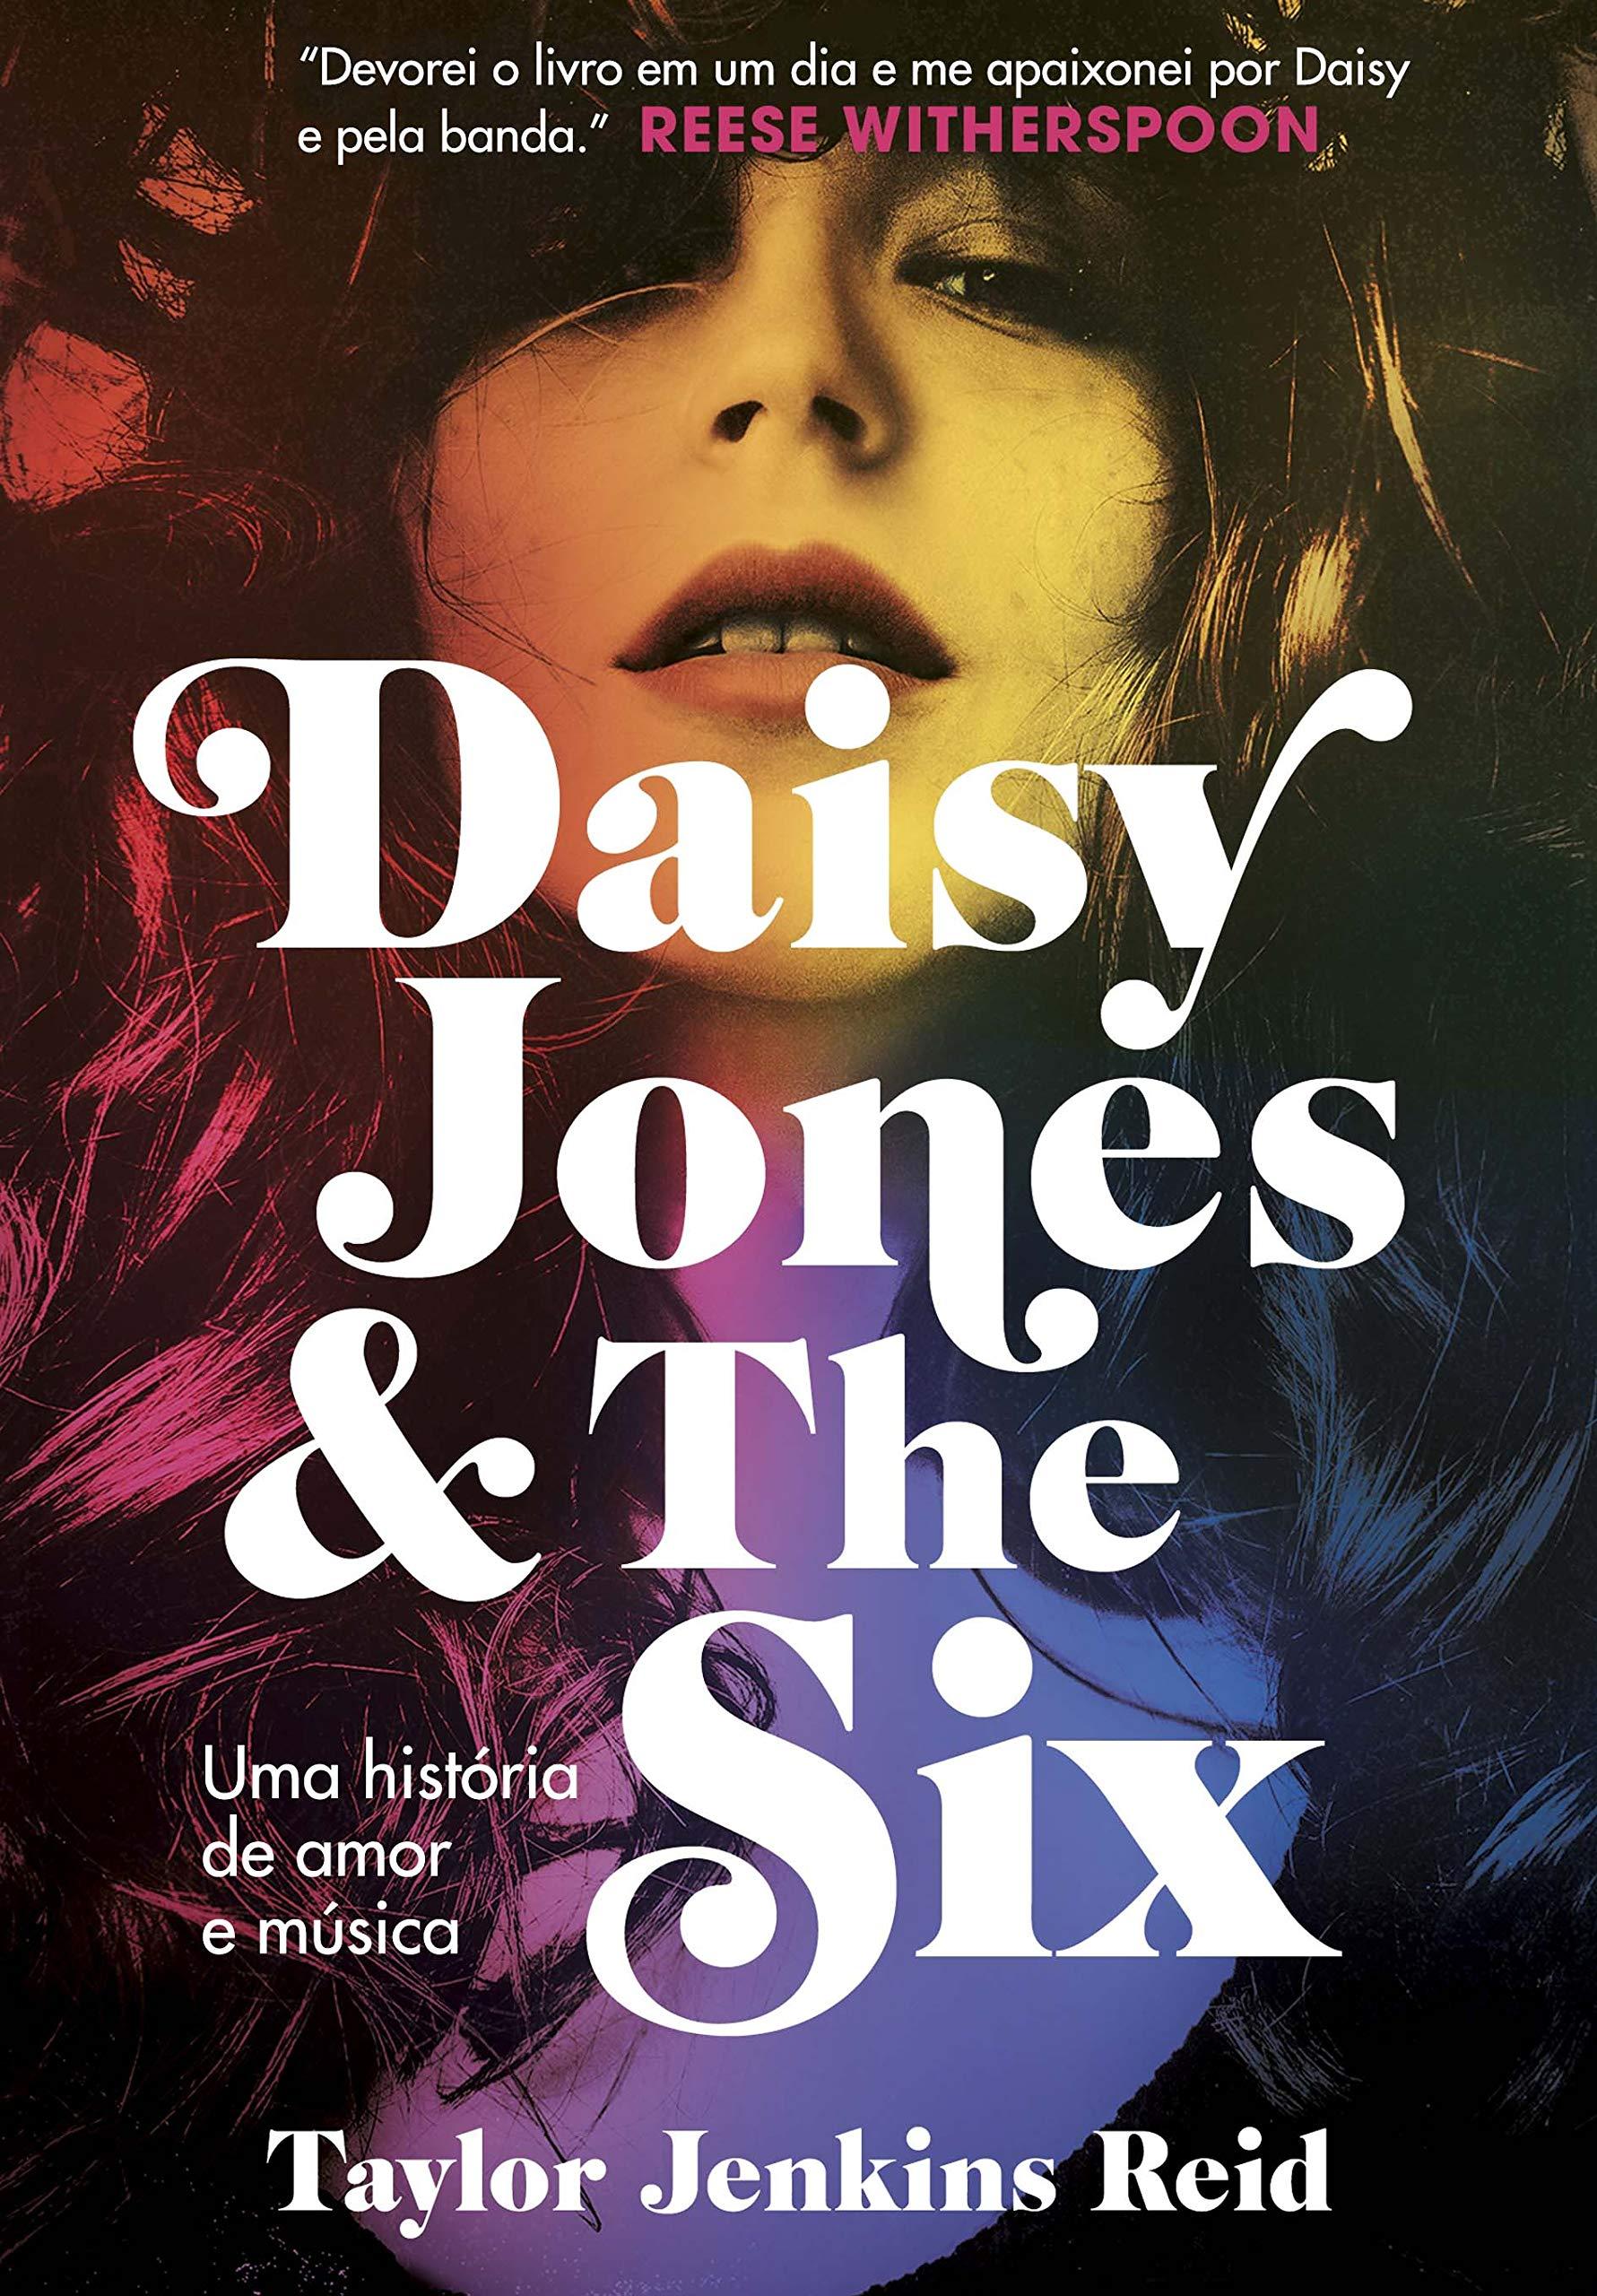 Daisy Jones & The Six: Uma história de amor e música